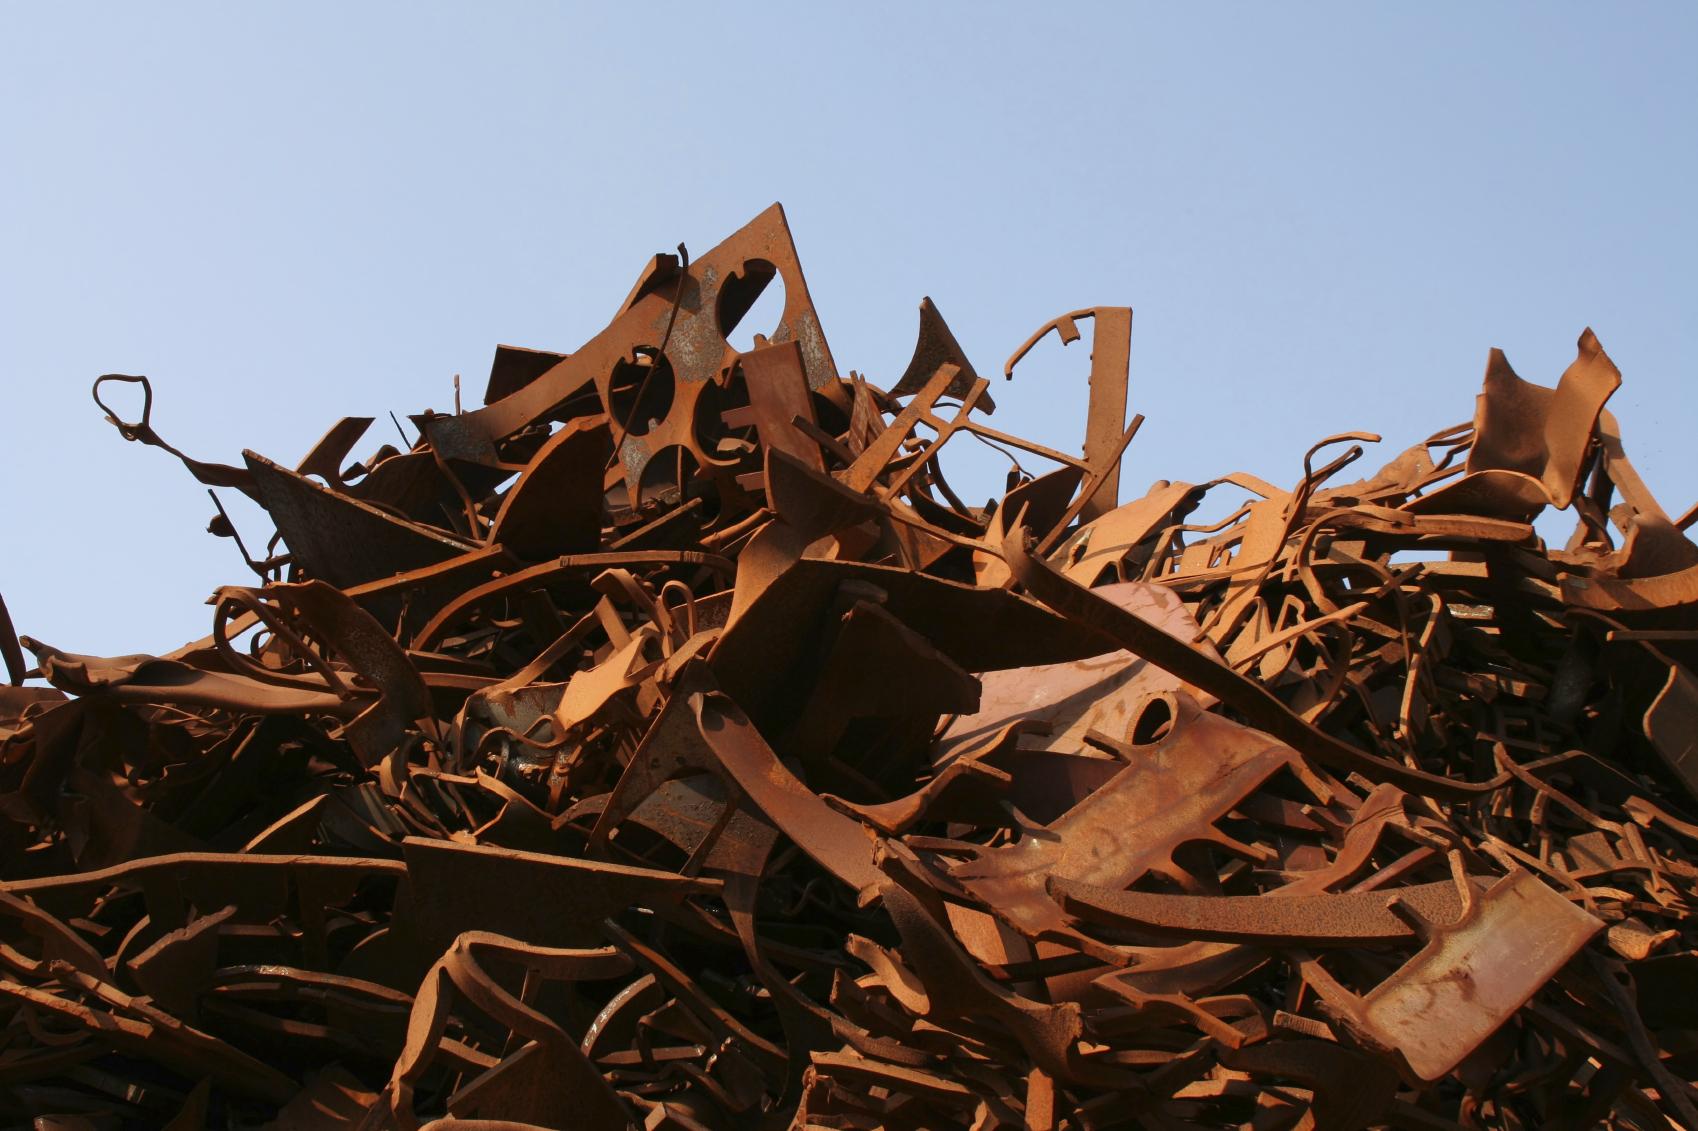 Steel Scrap Metal : Scrap metal sculpture export import australia